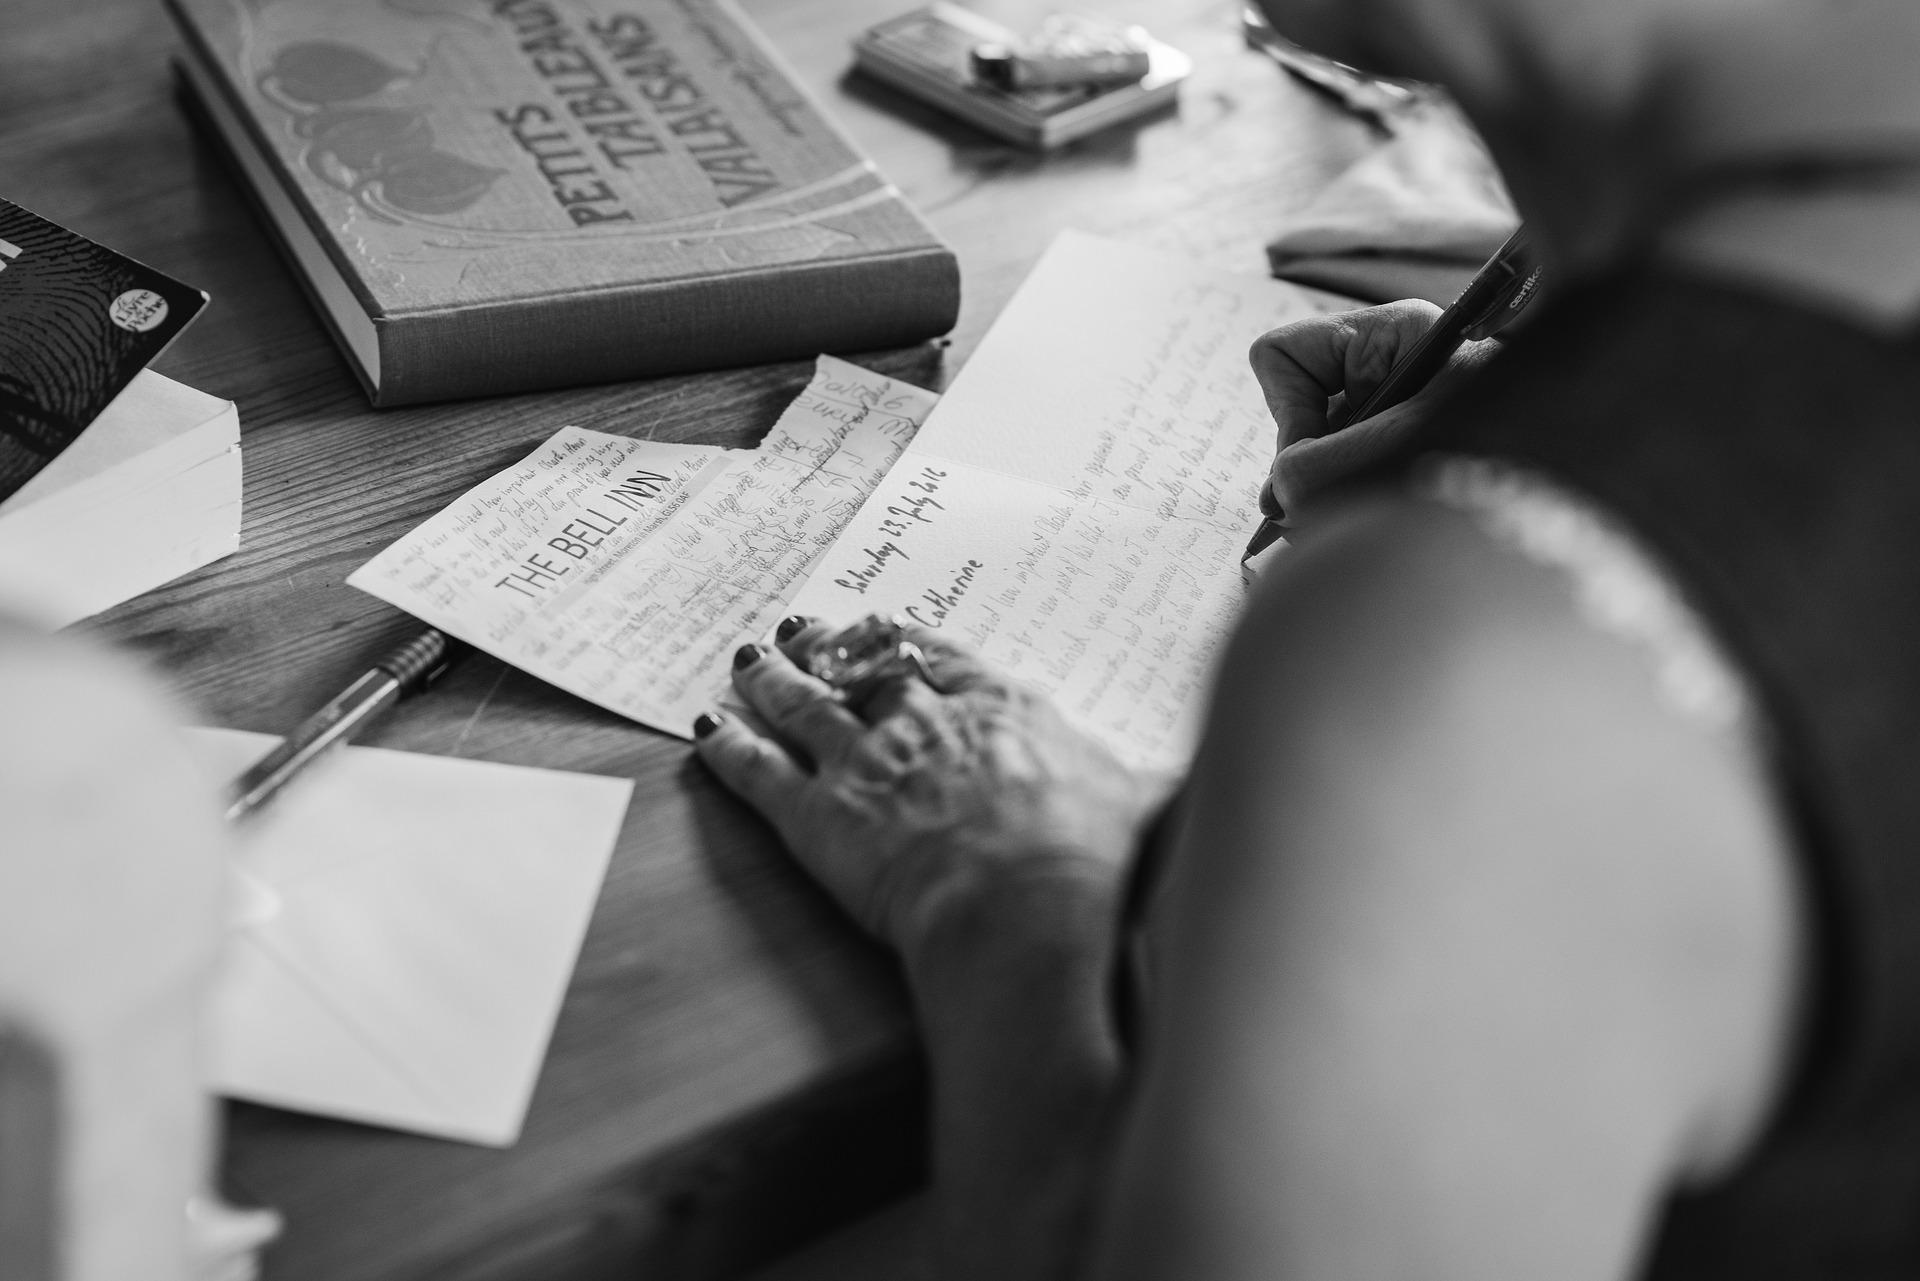 žena píšící dopis v cizím jazyce